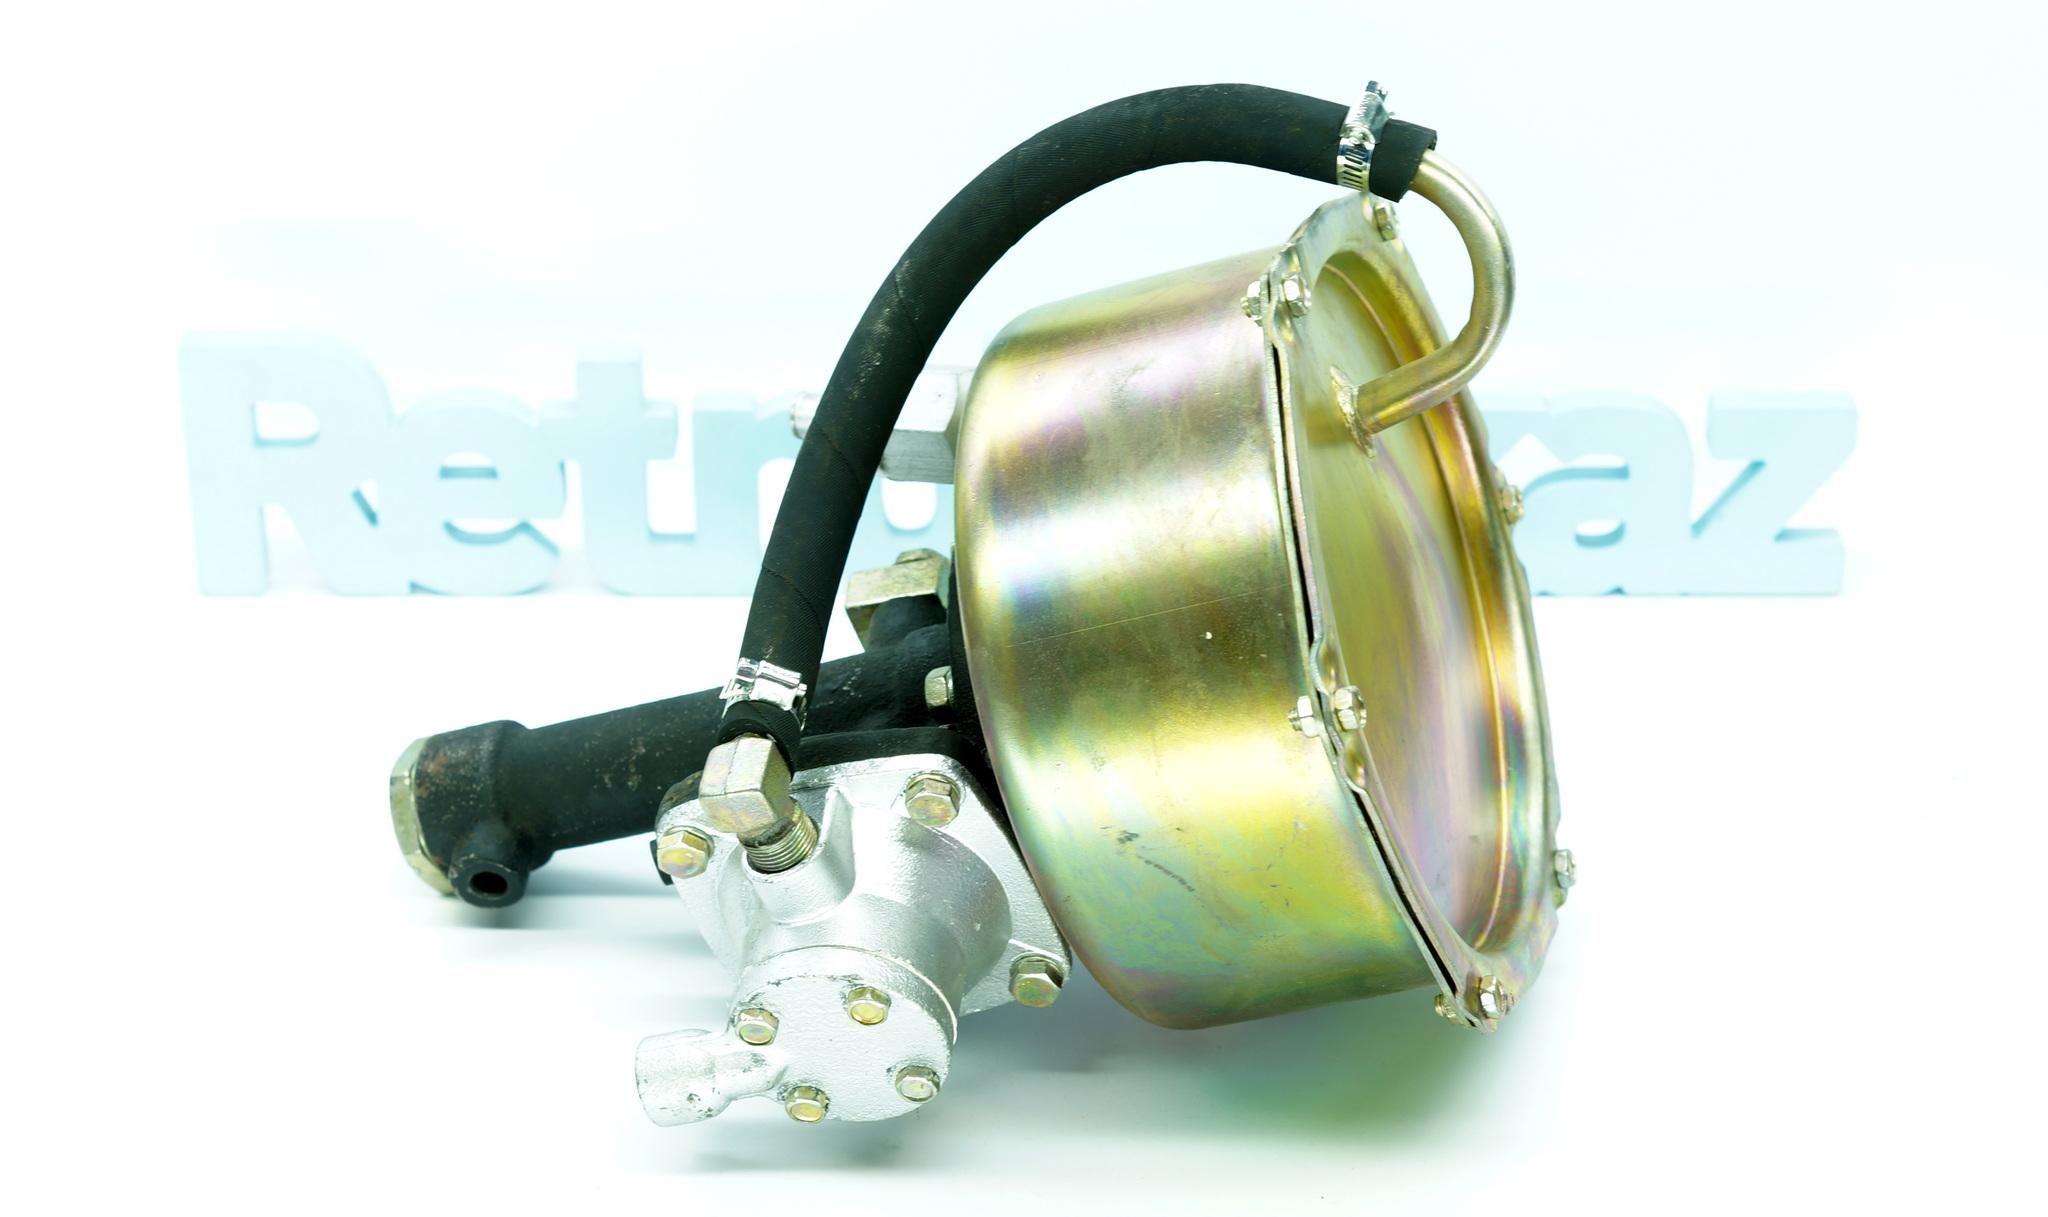 Гидровакуумный усилитель Газ 2401